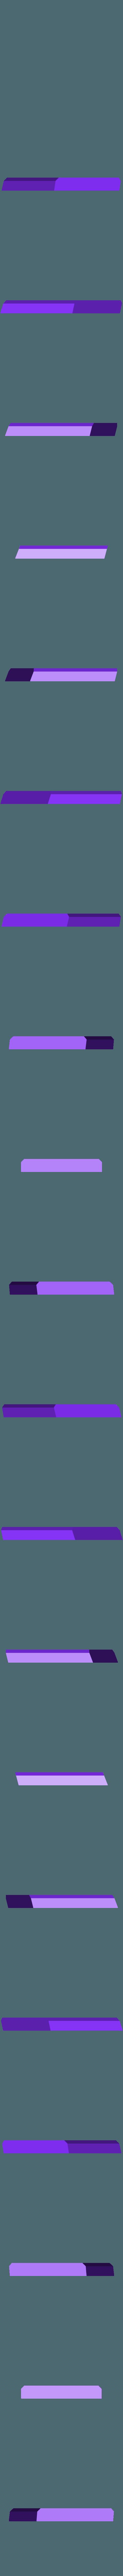 Foot-Left-Gray.stl Télécharger fichier STL gratuit Big Optimus Prime! - Modèle multi-matériaux • Plan pour imprimante 3D, ChaosCoreTech